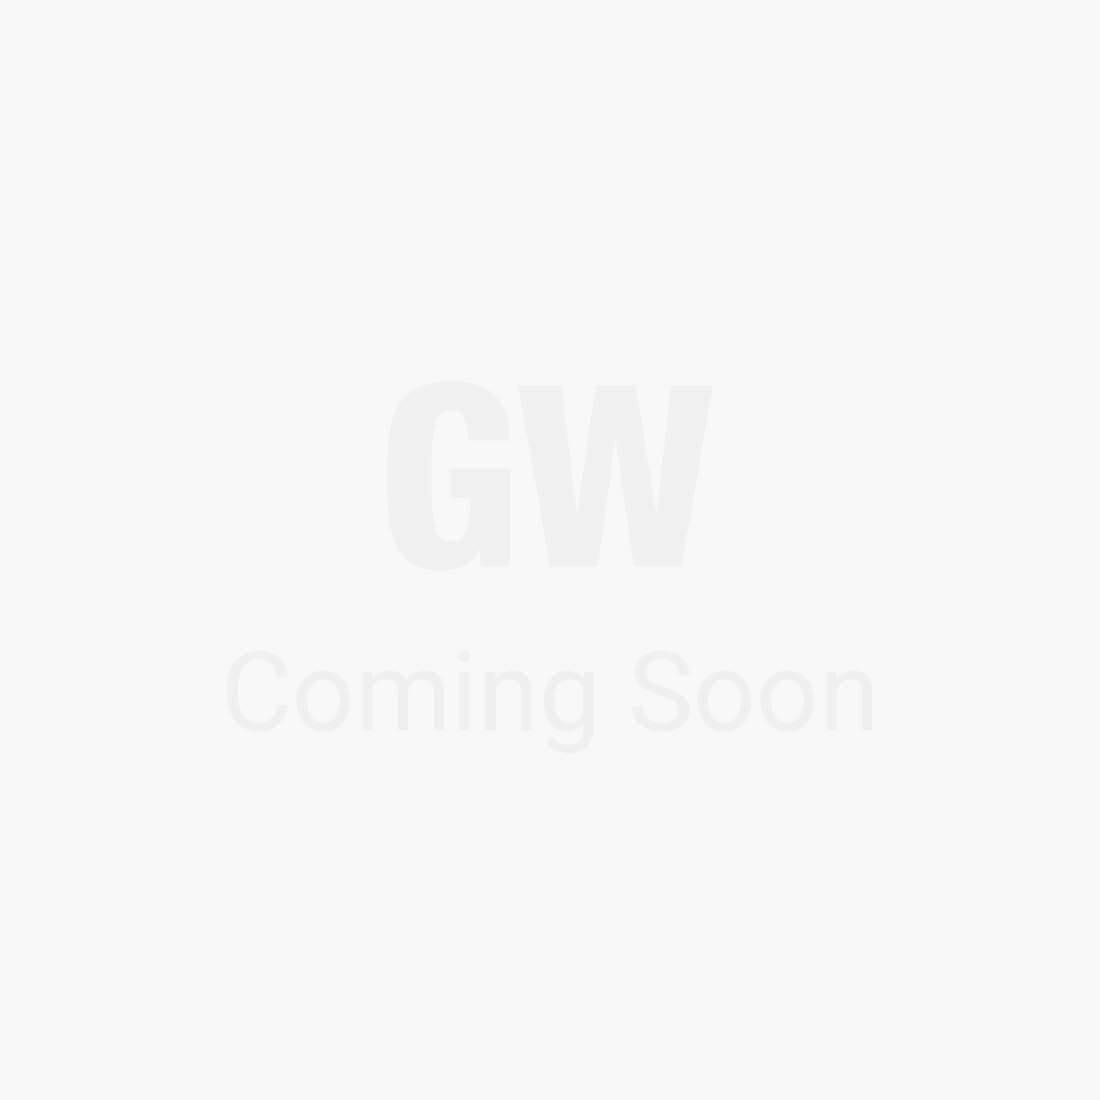 Azzuro Left Sofa Moduler